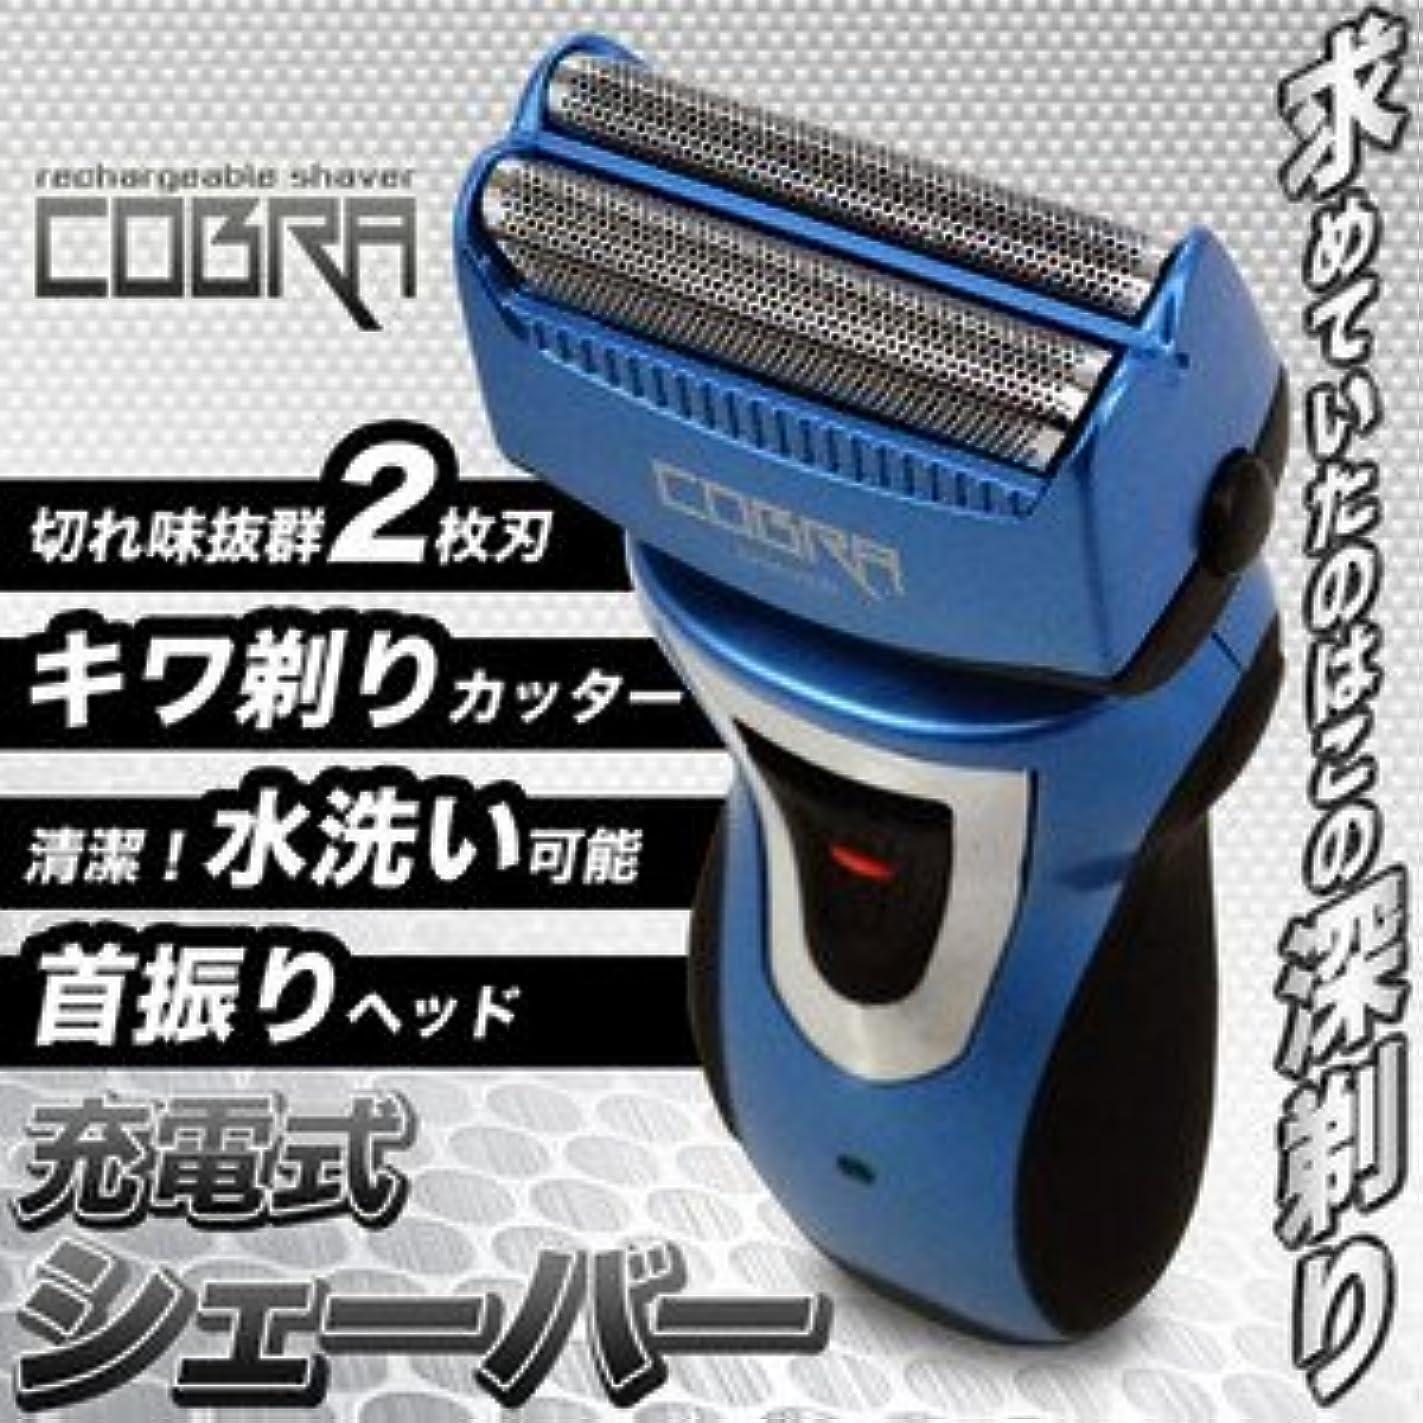 と闘う鉛ホームレス★限定商品!◆髭剃り/シェーバー◆充電式/コブラ◆RQ-720青